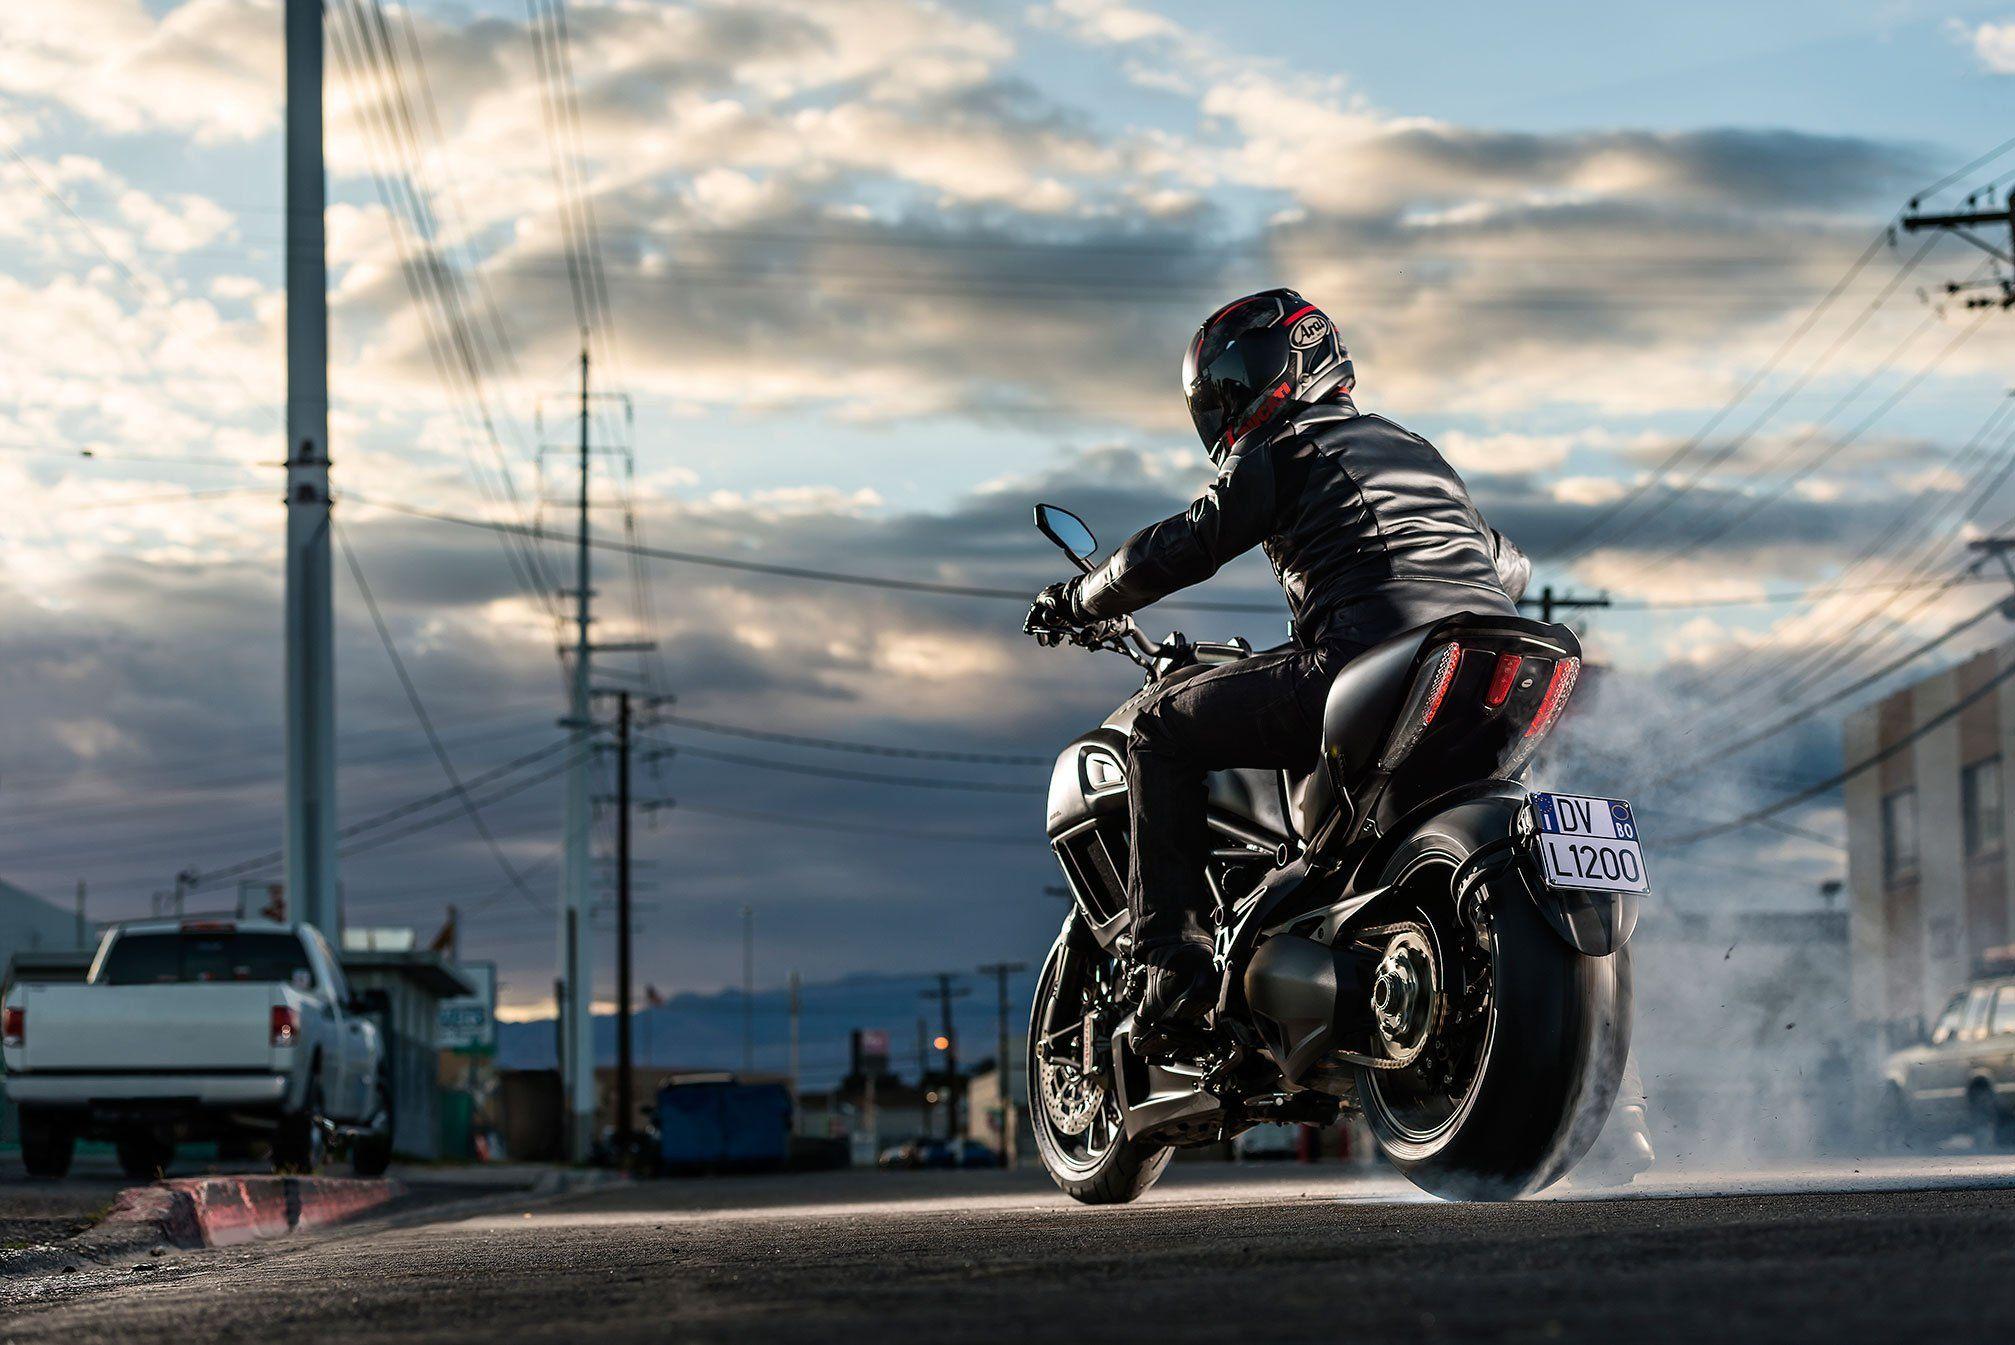 Motorcycle Wallpaper Mobile Ducati Diavel Motorcycle Wallpaper Sell Motorcycle